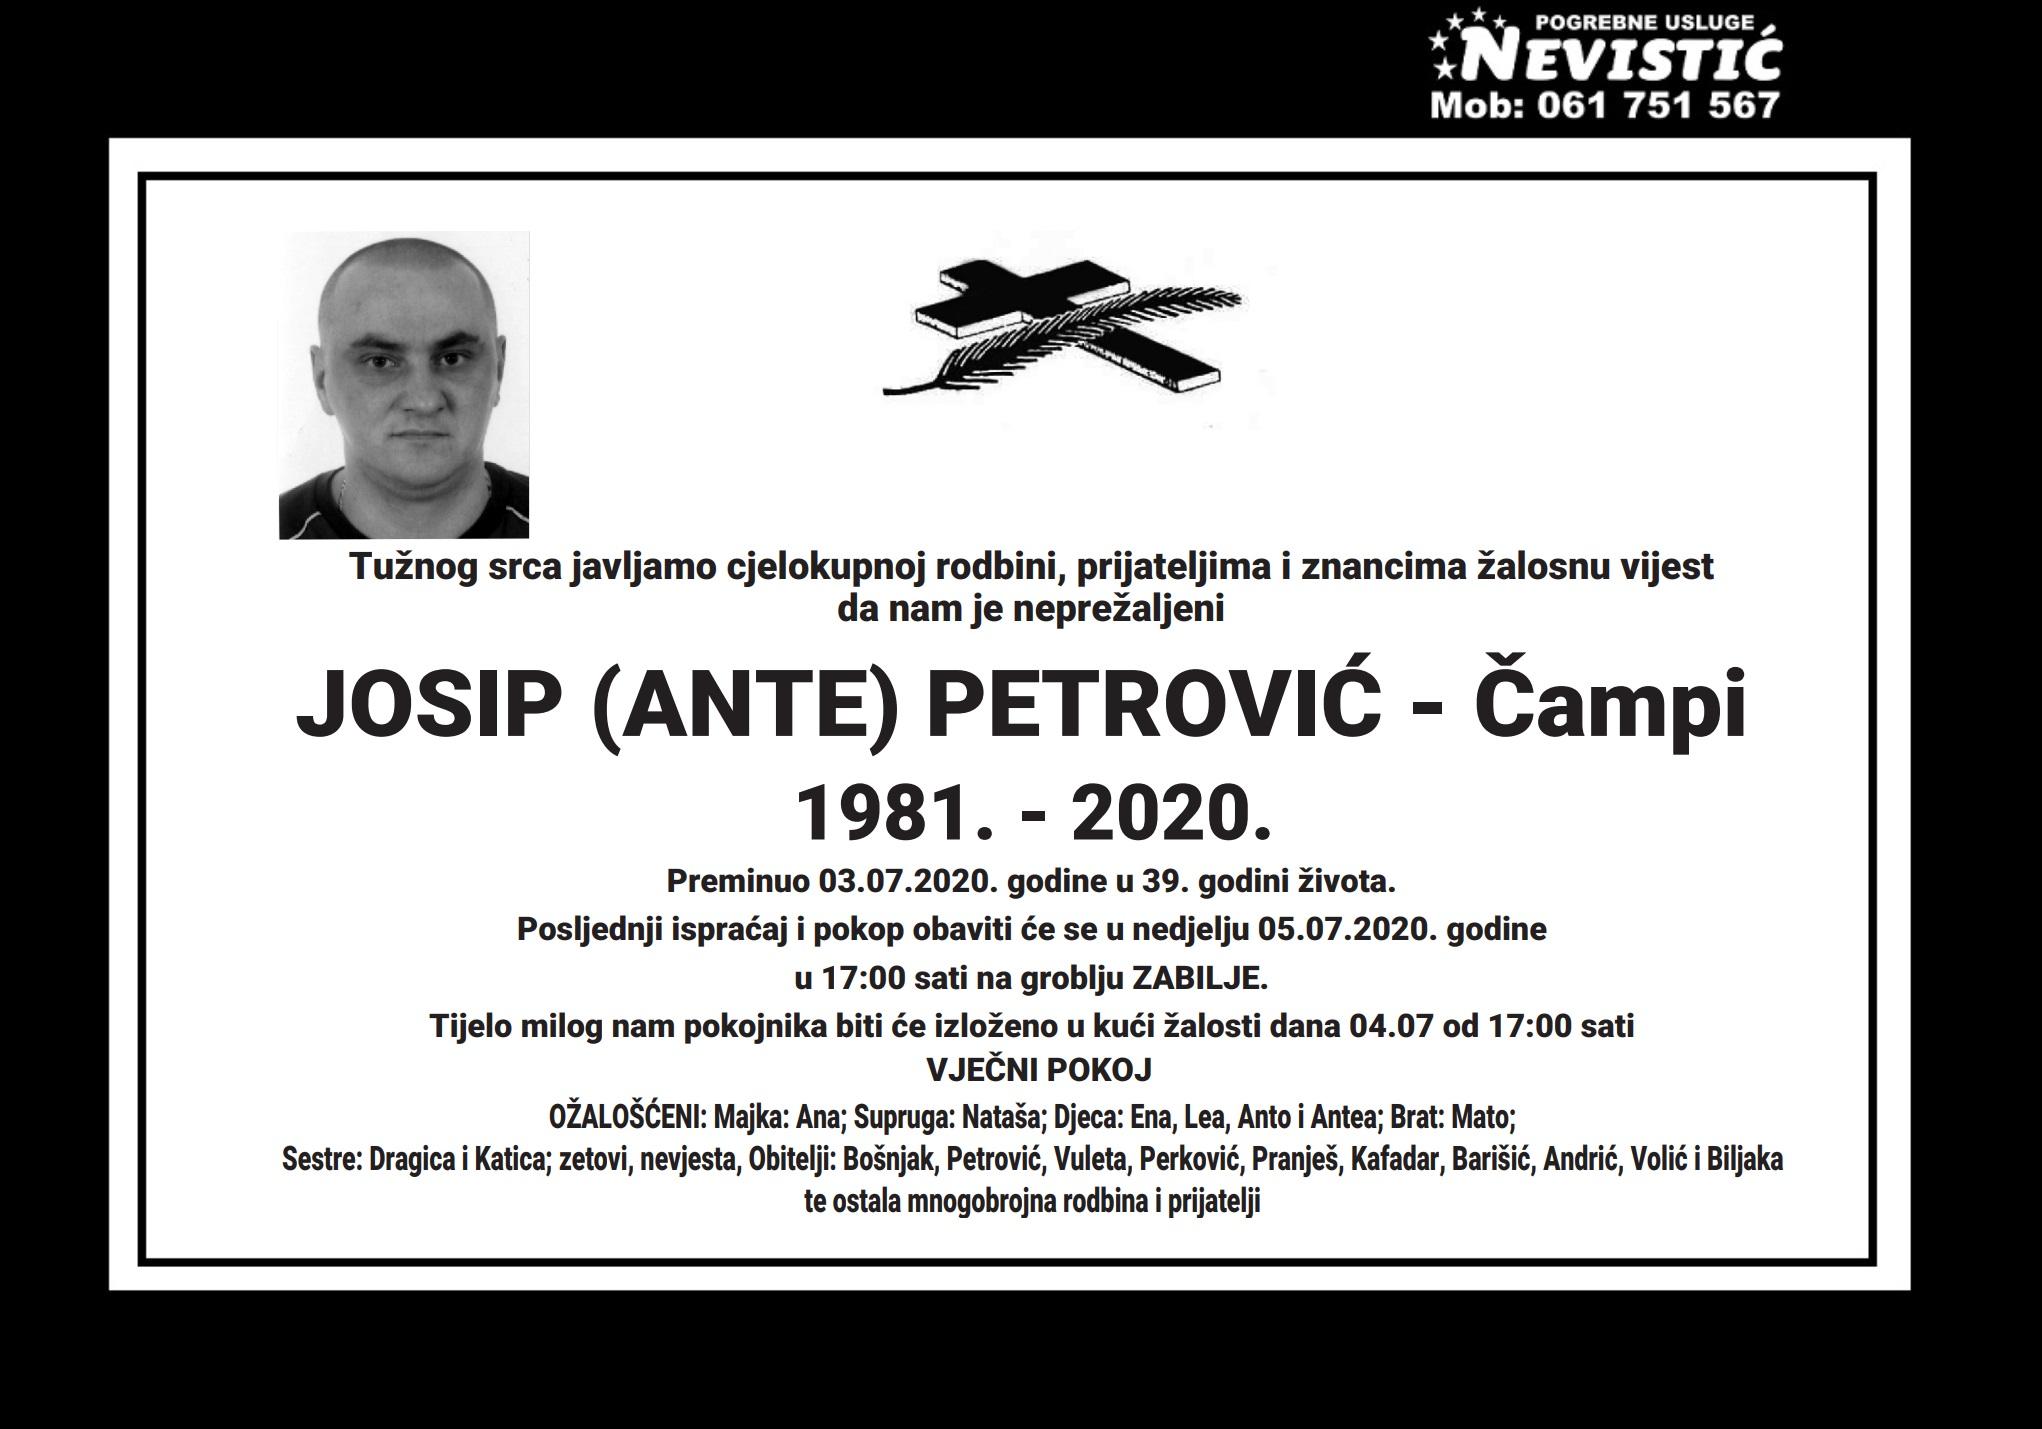 Josip (Ante) Petrović – Čampi